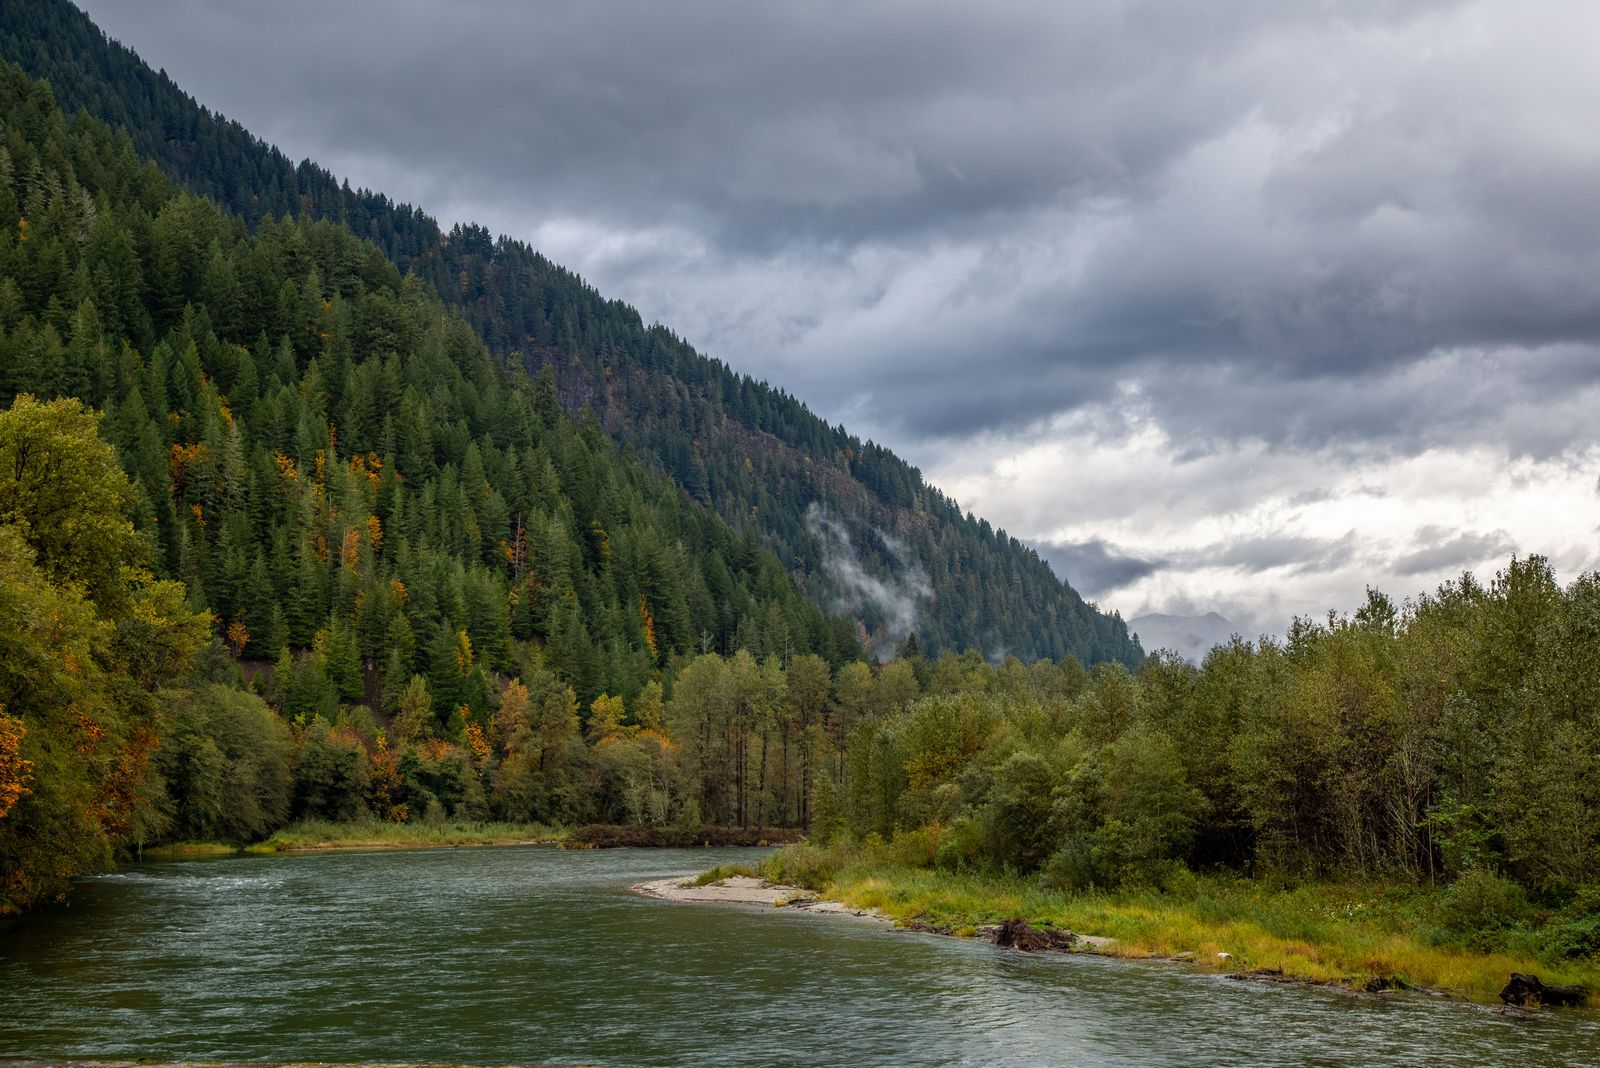 Nubes sobre el río Skágit